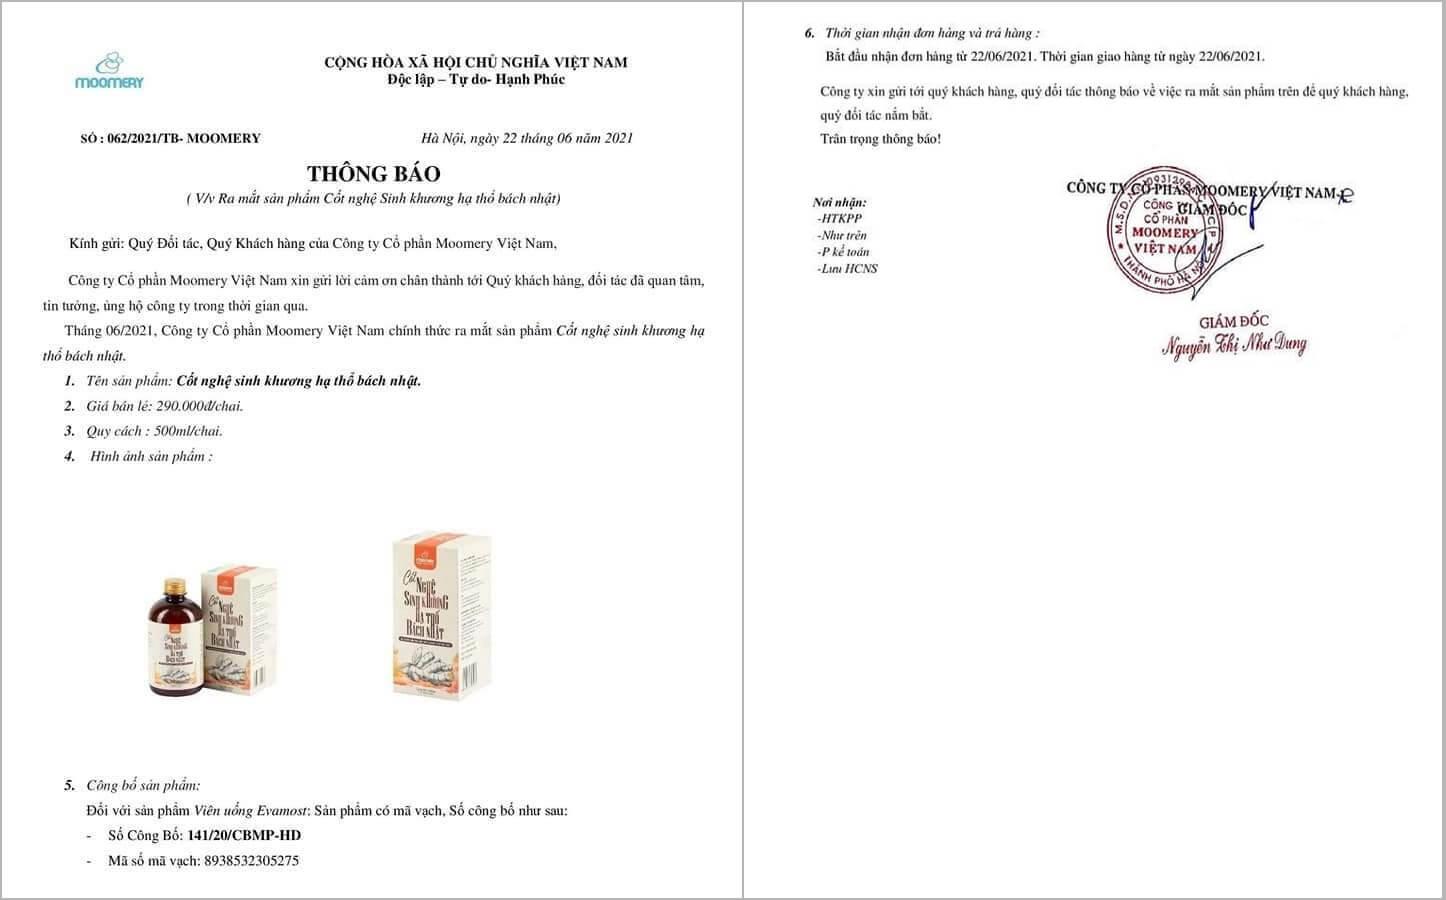 giấy chứng nhận công bố sản phẩm cốt nghệ sinh khương hạ thổ bách nhật myphamhera.com